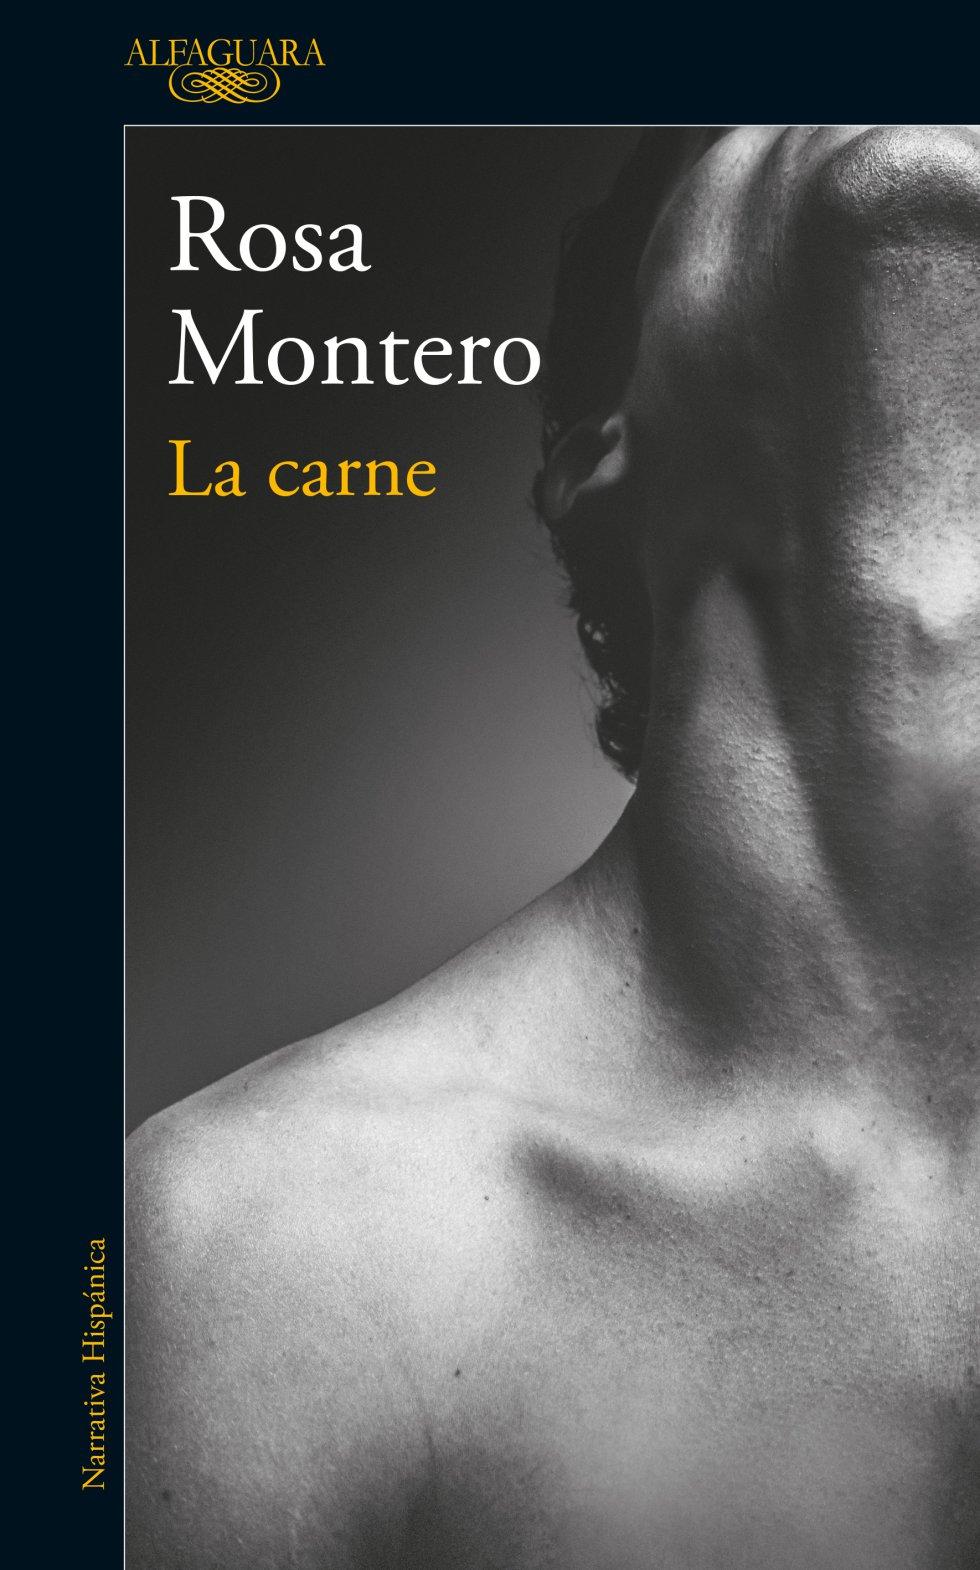 """""""Hay en la nueva novela de Rosa Montero, La carne, un elemento sobre el que se sostiene todo el relato. Me refiero al suspense. Es el único dispositivo ligero de la novela, entendiendo el concepto de ligereza que emplea la escritora madrileña como un ardid para conducir al lector hacia donde ella quiere. Evidentemente el suspense al que hacemos referencia, en una novela que no es de suspense en el sentido estricto del término, está implícito en el carácter de sus personajes, en las historias dentro de la historia que leemos, en la misma naturaleza de lo que se nos cuenta y en el perfil esquivo y contradictorio de sus protagonistas"""". Por J. ERNESTO AYALA-DIP"""